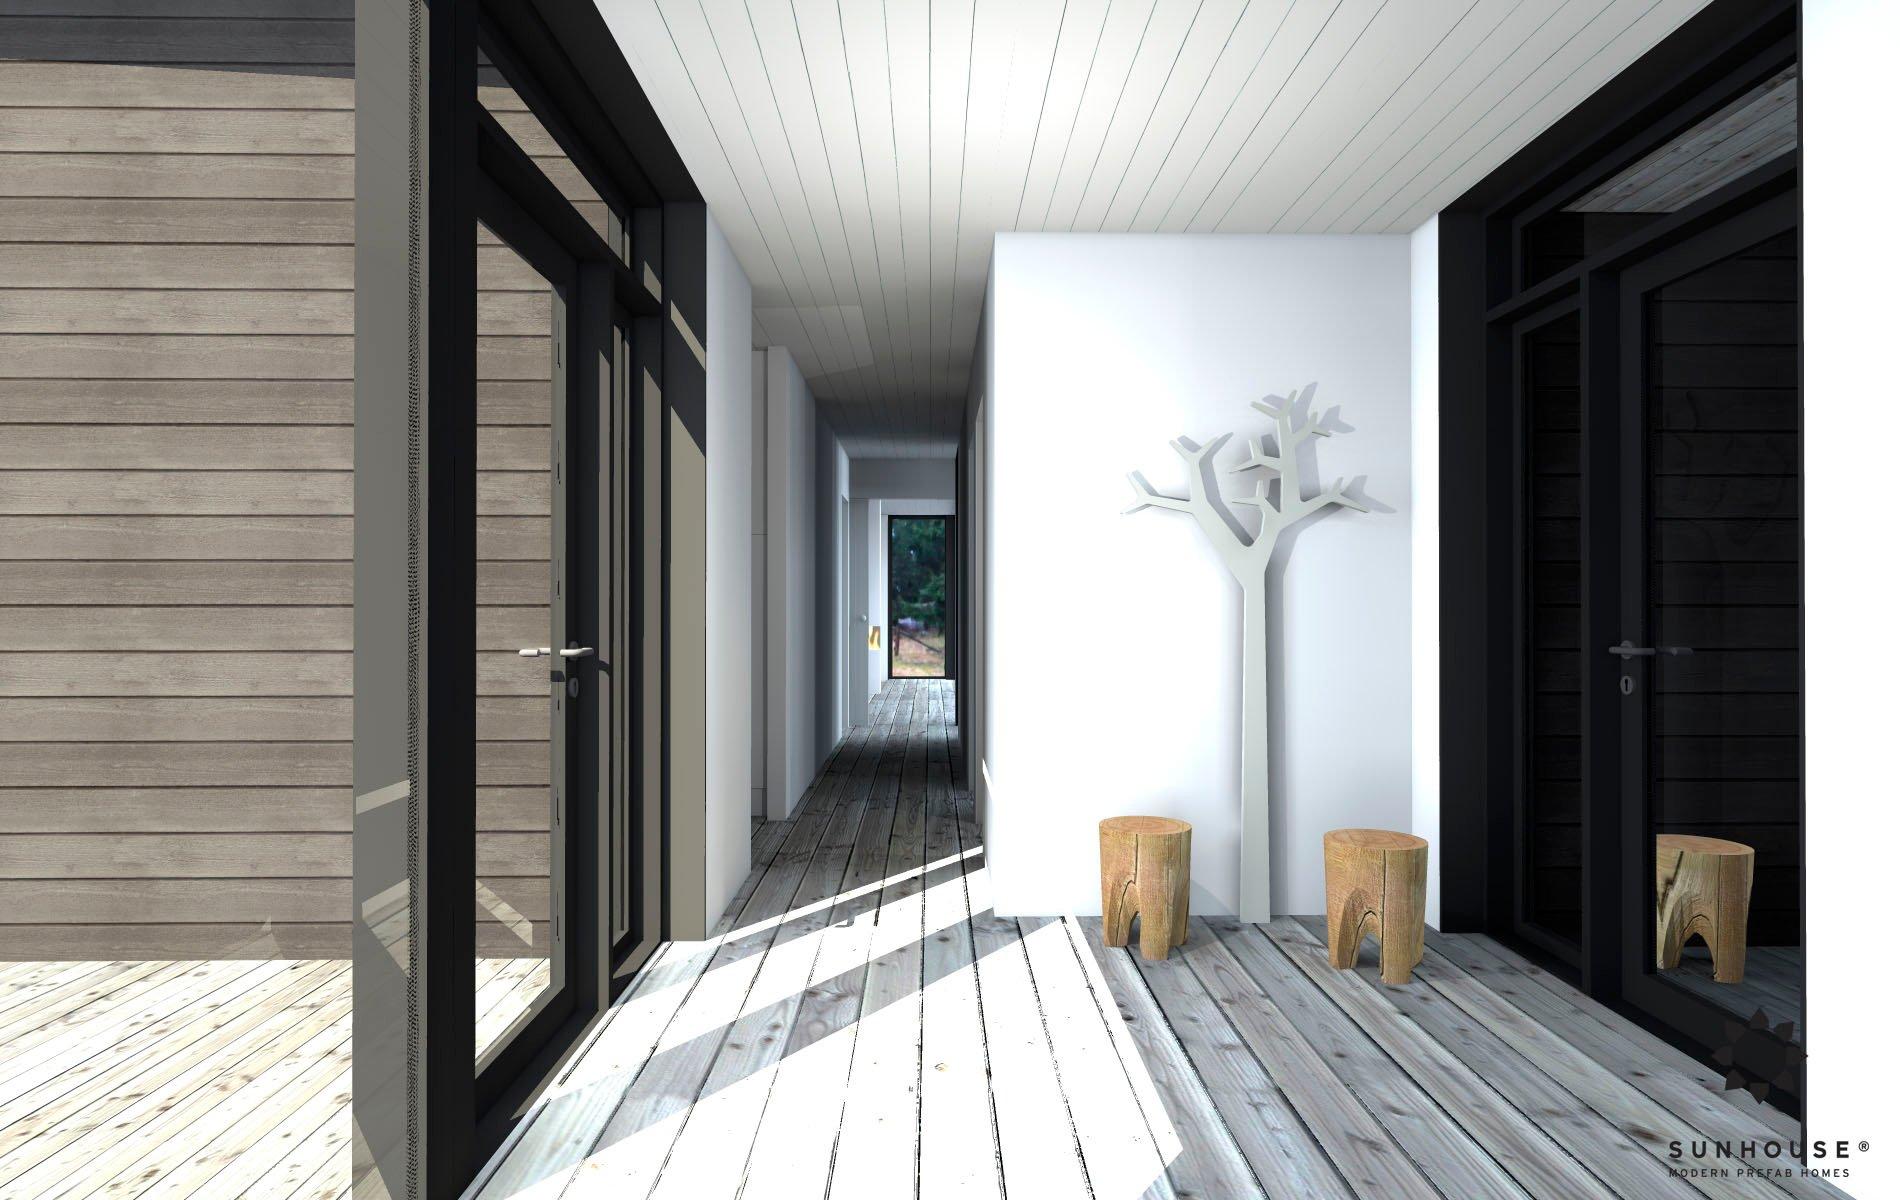 Sunhouse S1412 - Moderni vapaa-ajan asunto-6